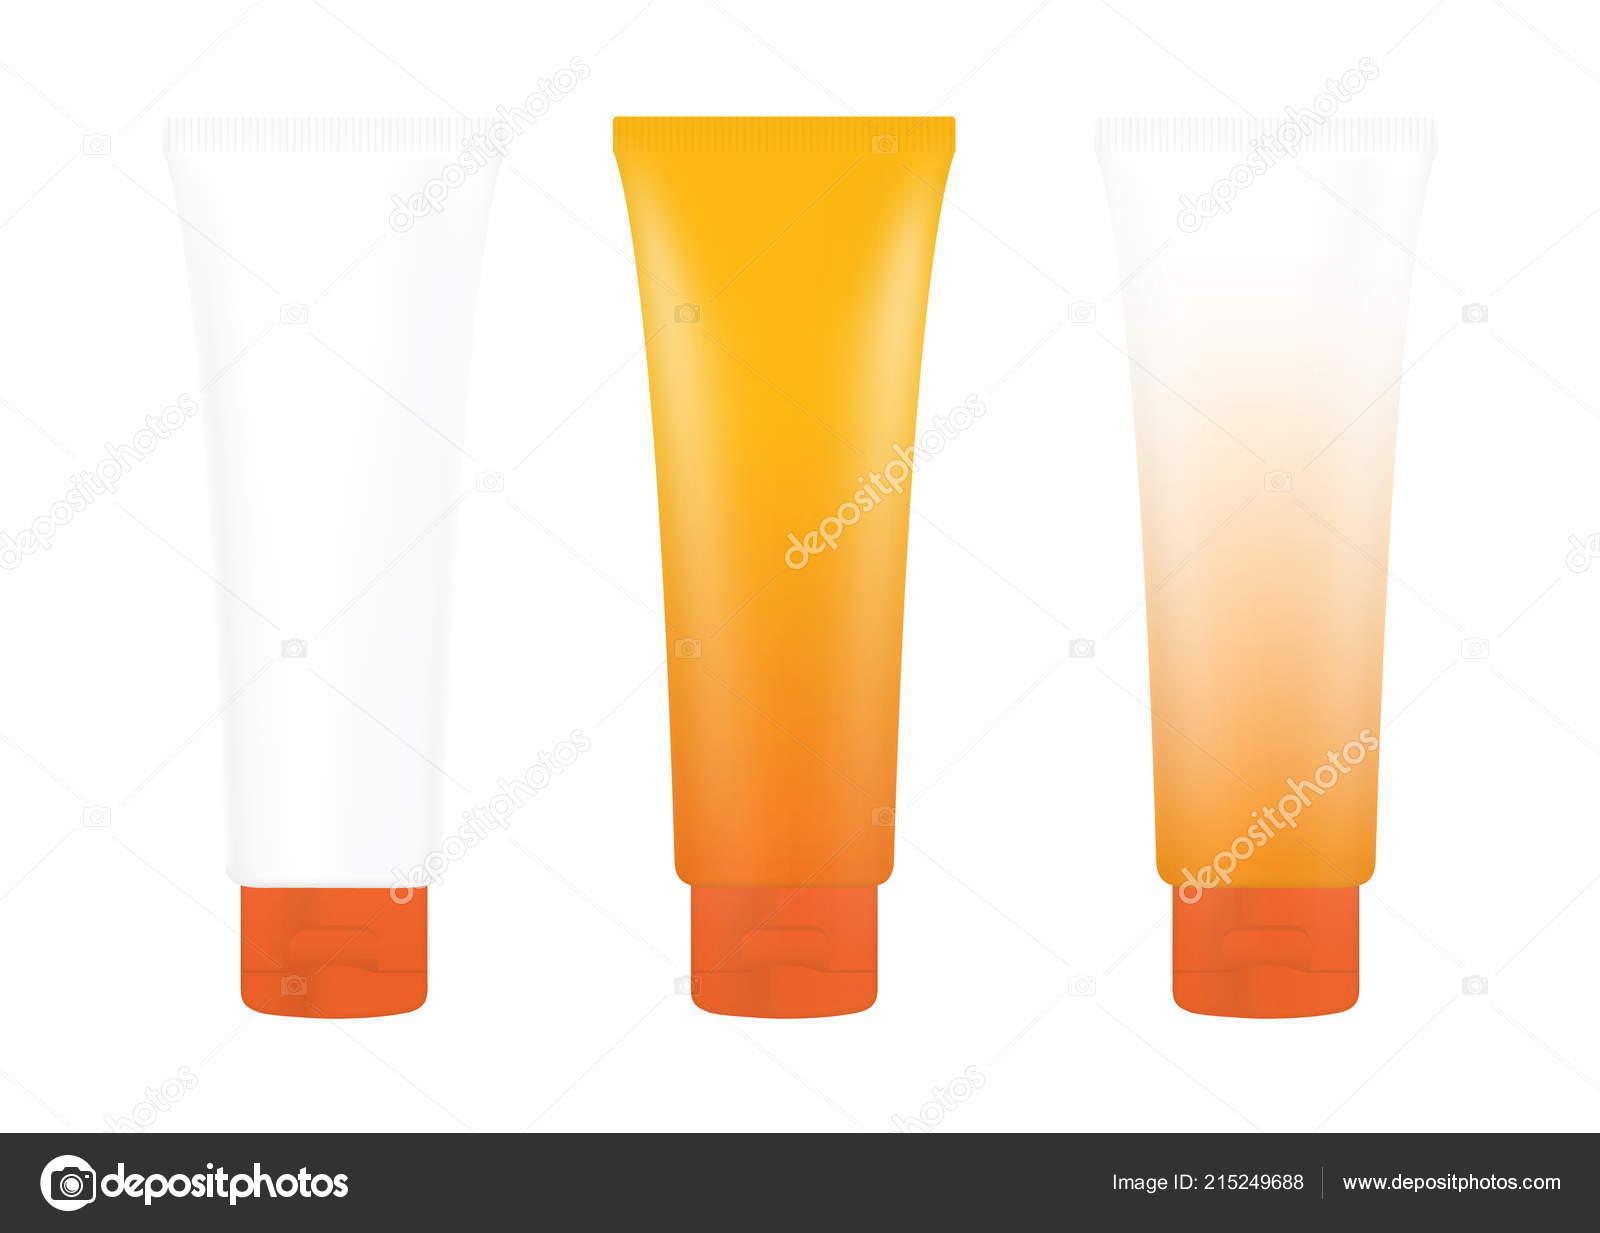 Tube Orange Cream Foam Sunscreen Lotion Bottle White